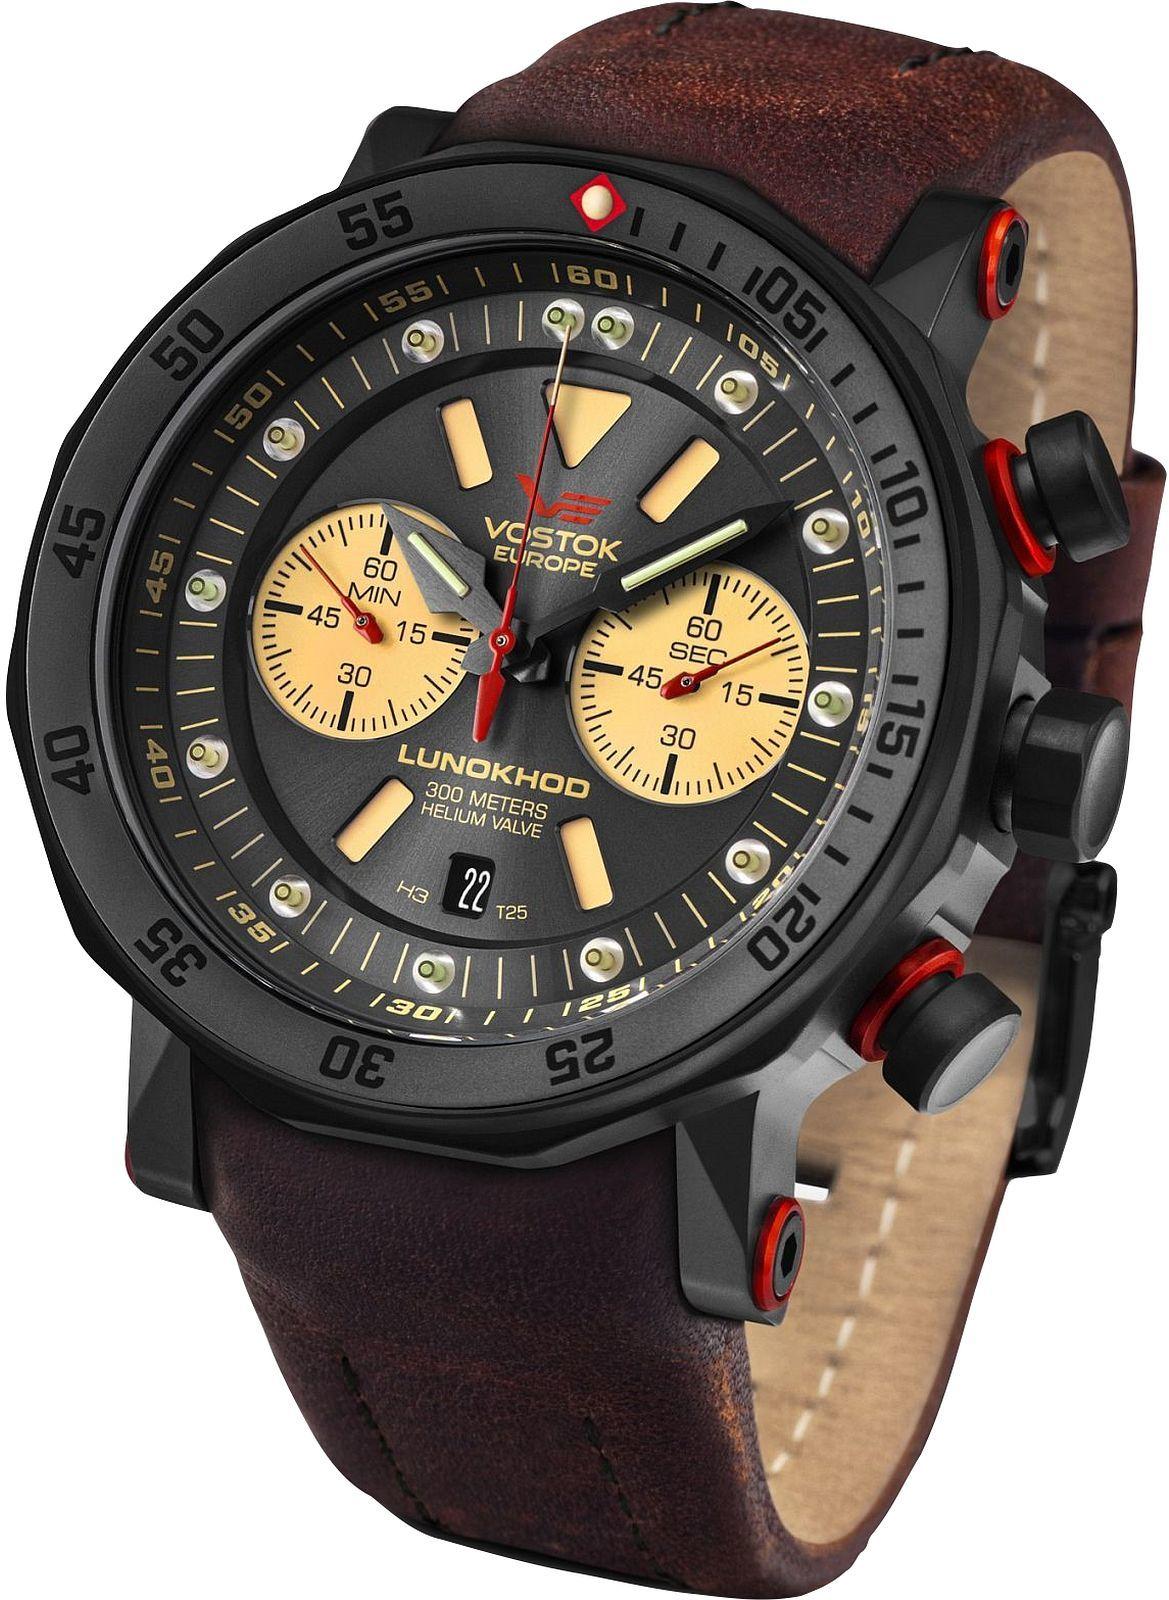 Zegarek męski Vostok Europe Lunokhod 2 Chrono Limited Edition